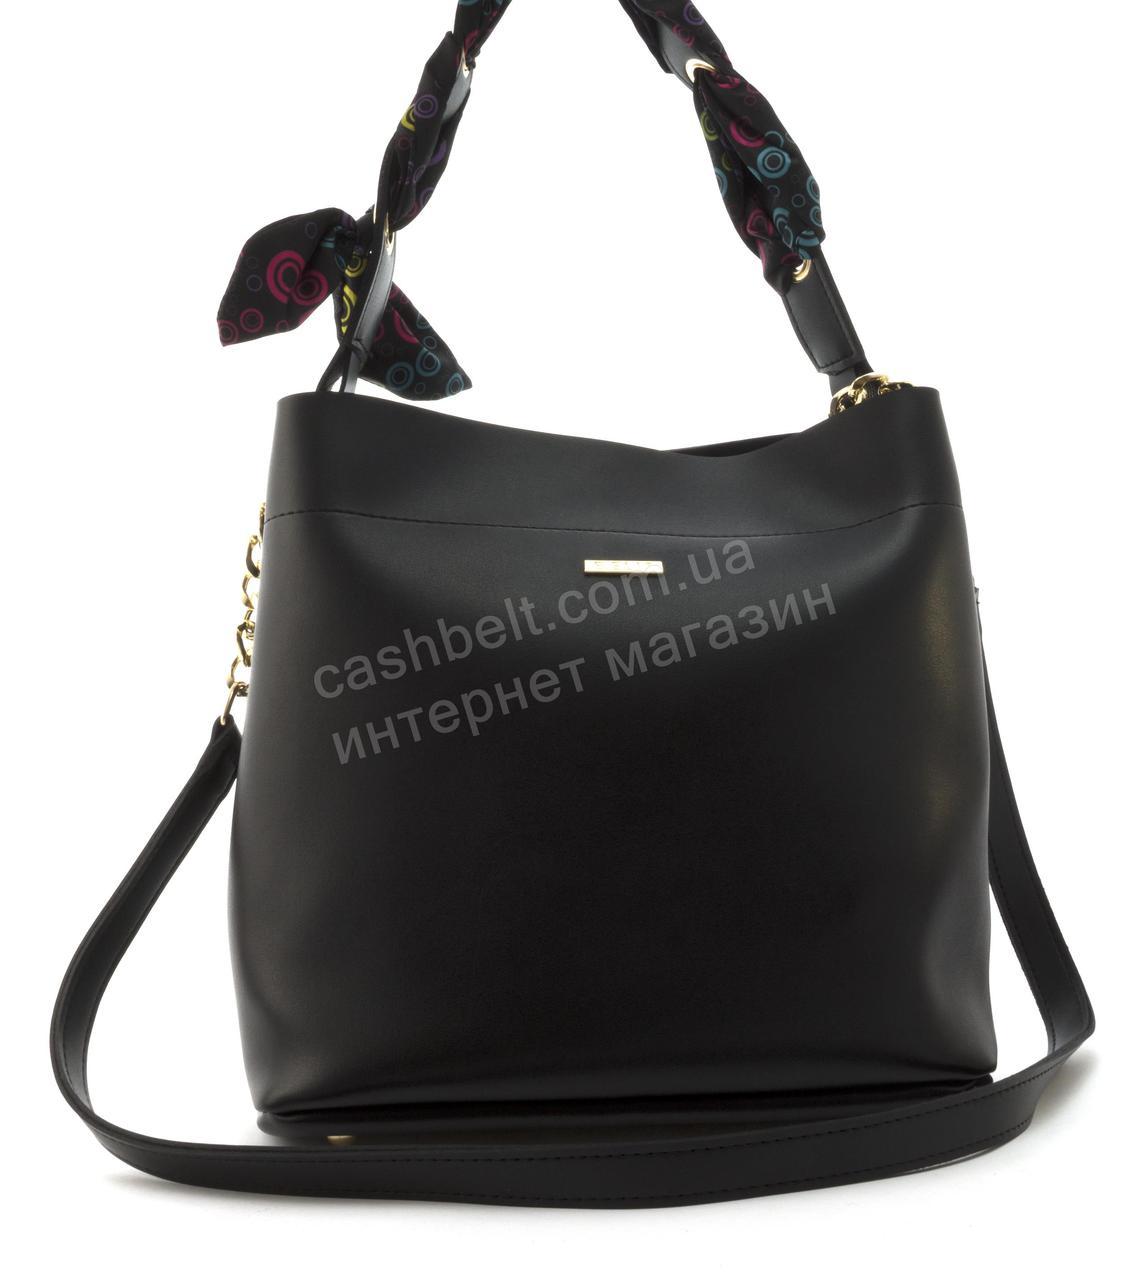 Оригинальная качественная суперстильная сумка с эко кожи очень высокого качества B.Elite art. 08-15 черная